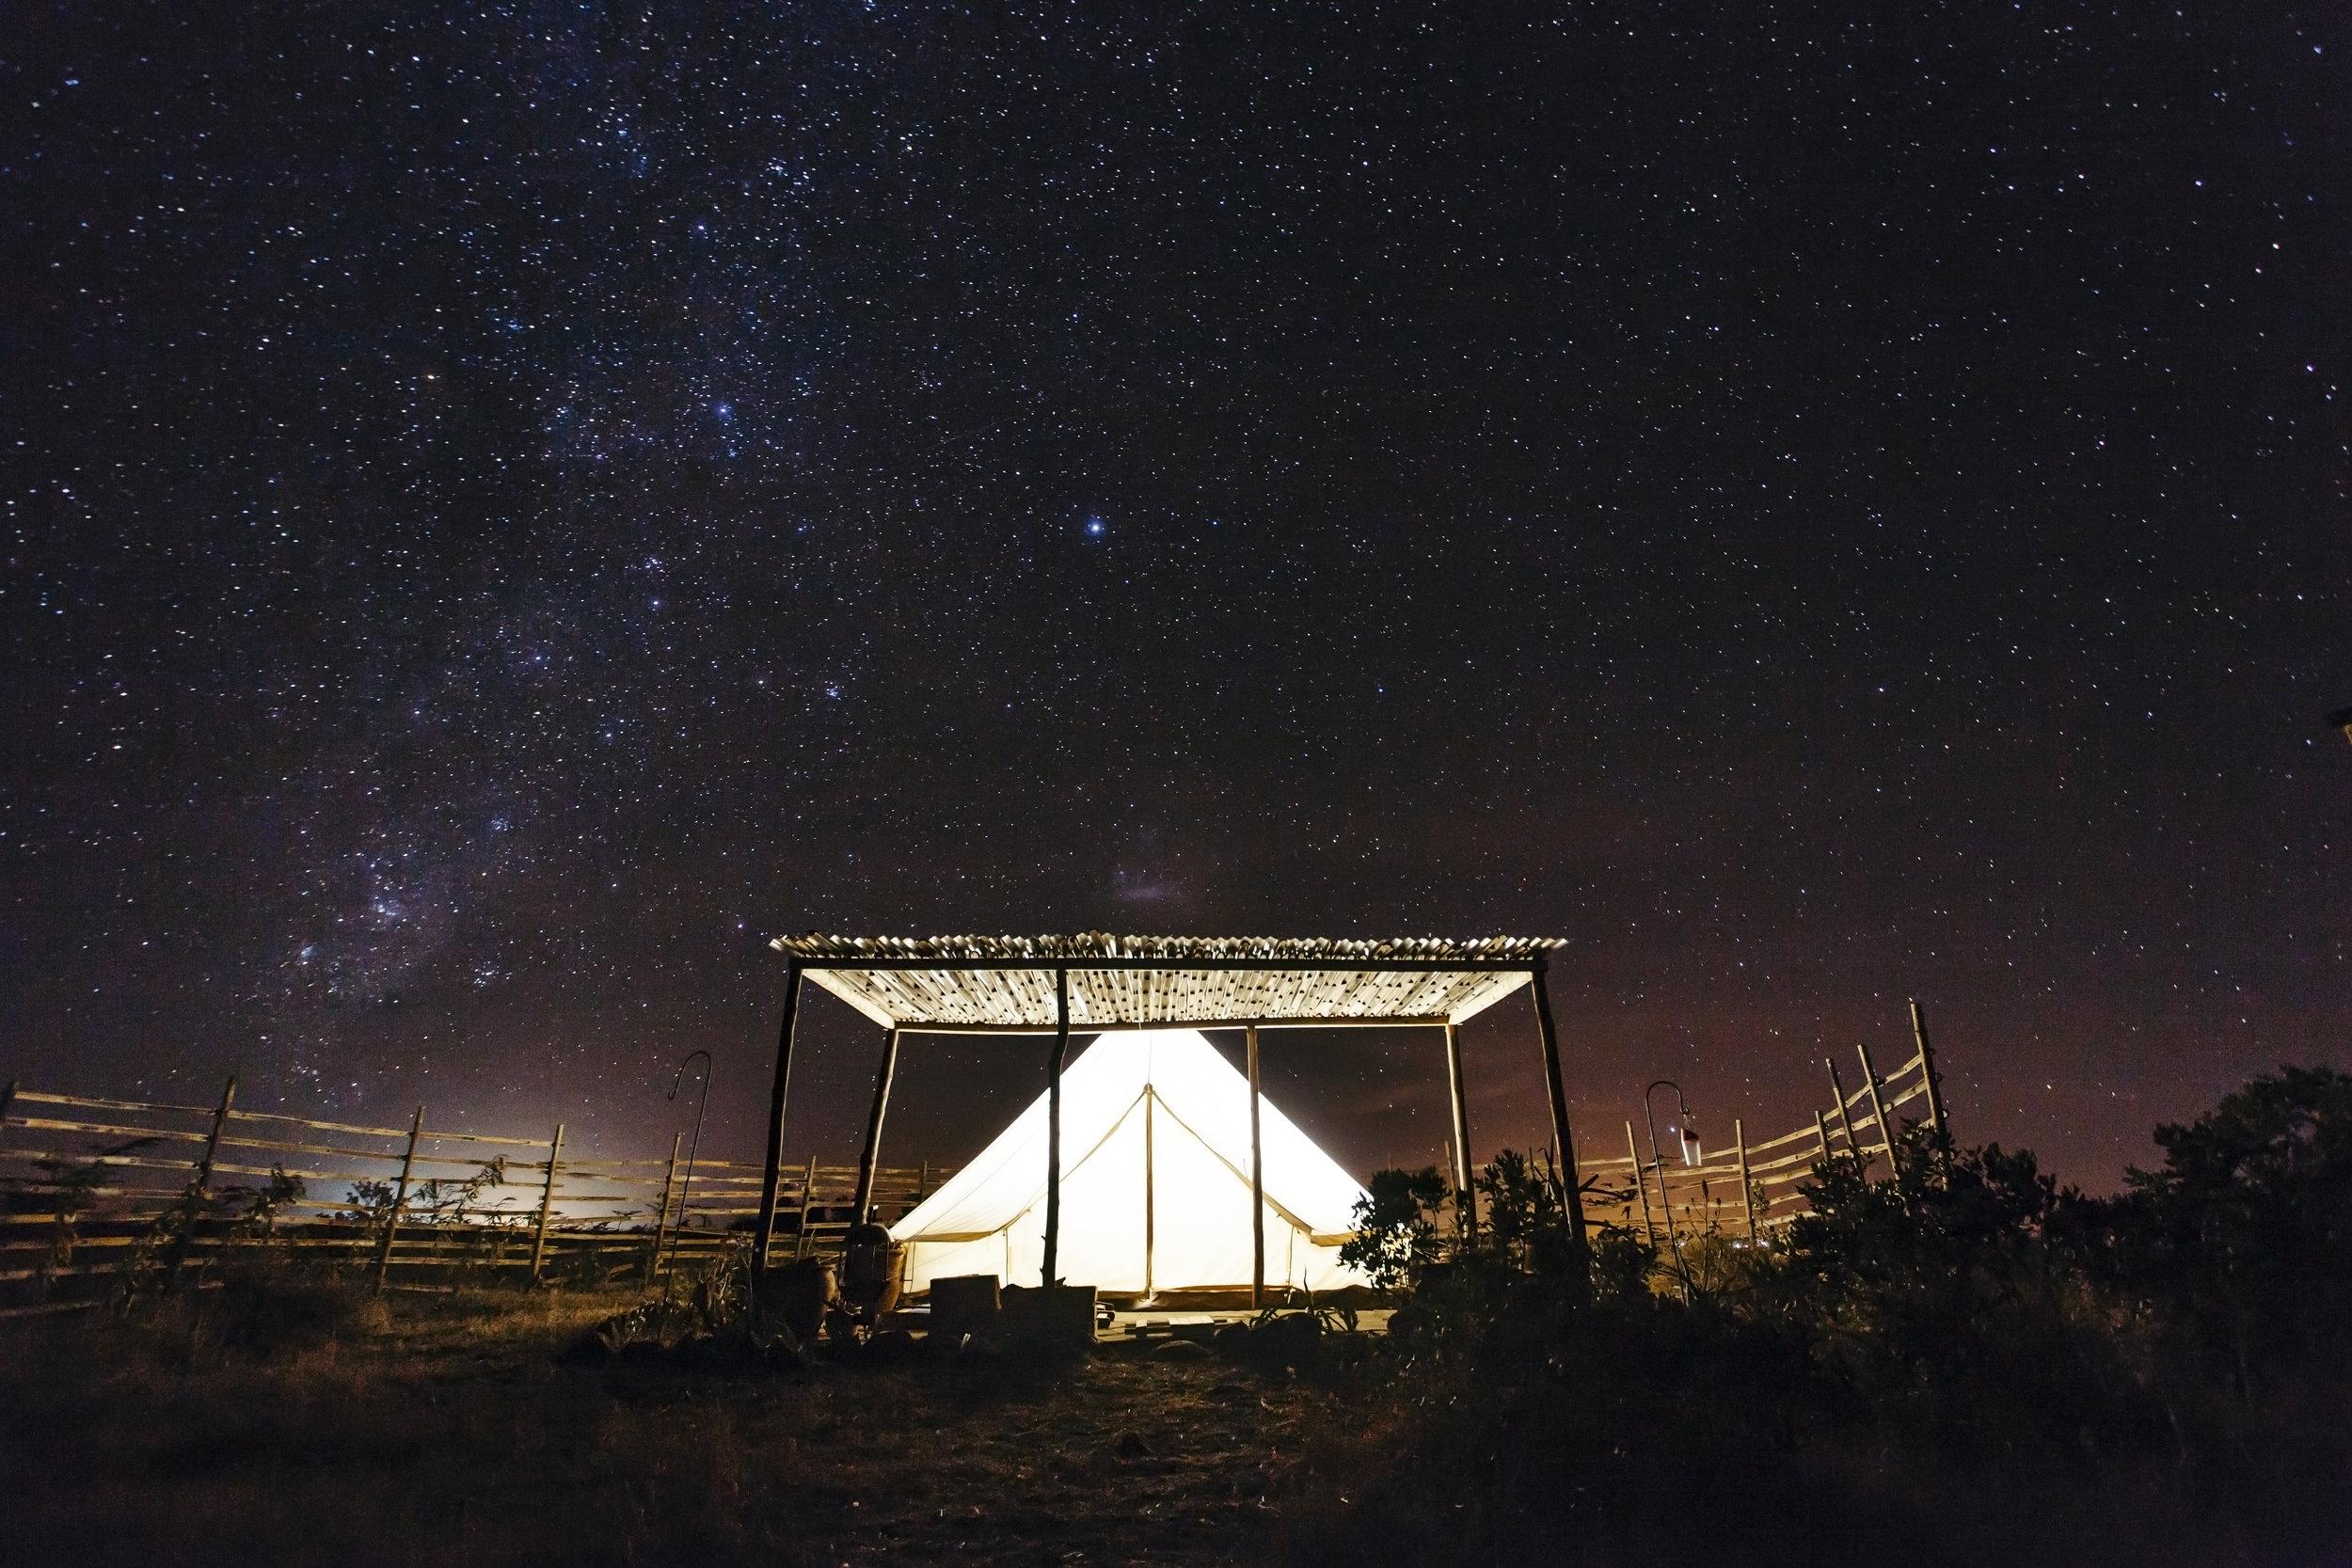 006_High_Res_HandZaround_Sieku_Glamping_Kenya.jpg